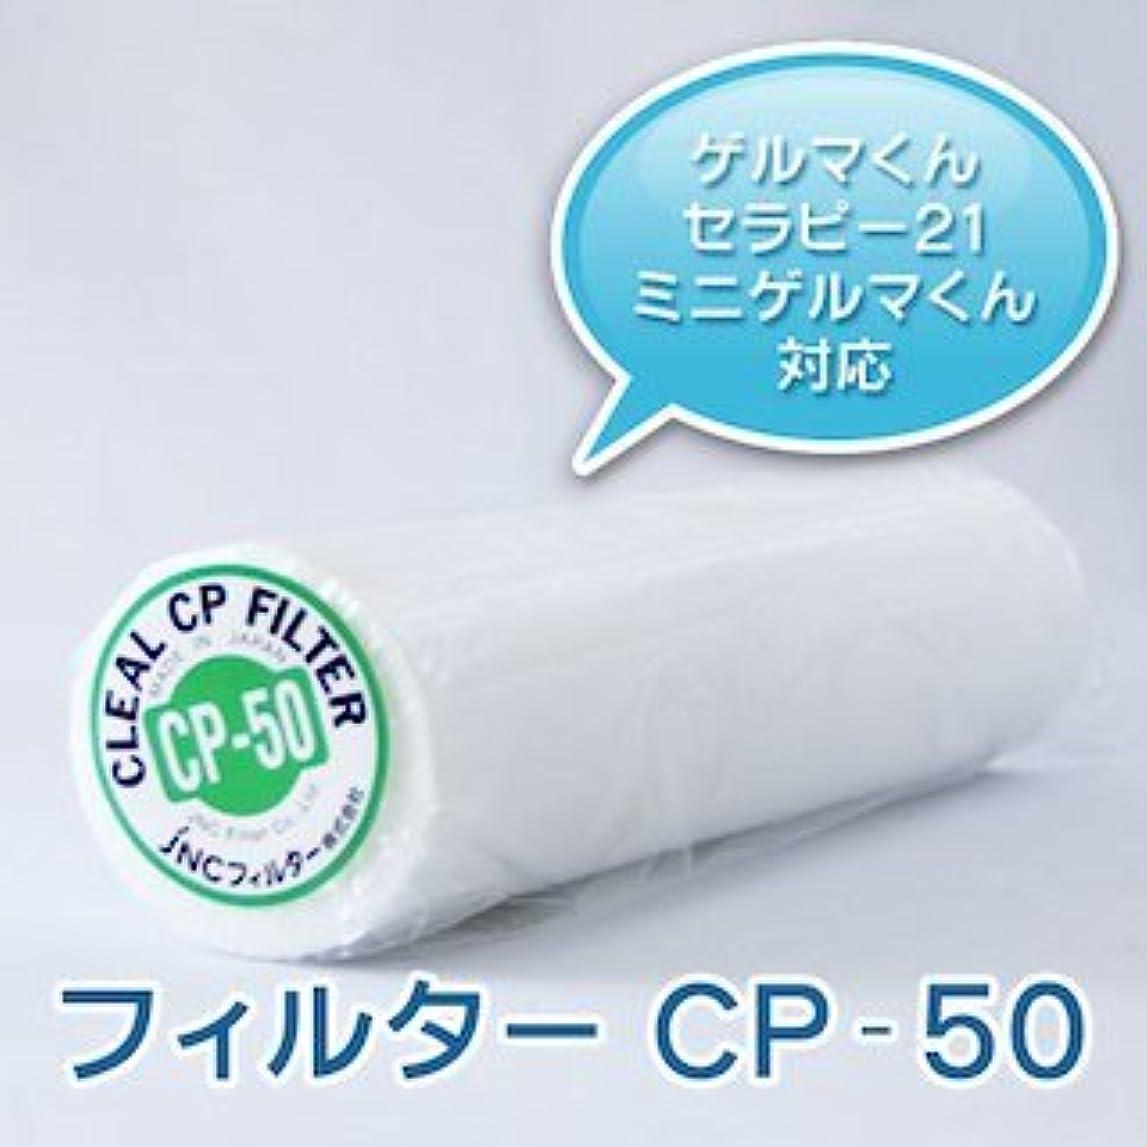 グラス火星作者【ゲルマ フィルター CP-50】 1本  ゲルマニウム 温浴器 ゲルマくん/セラピー21 対応